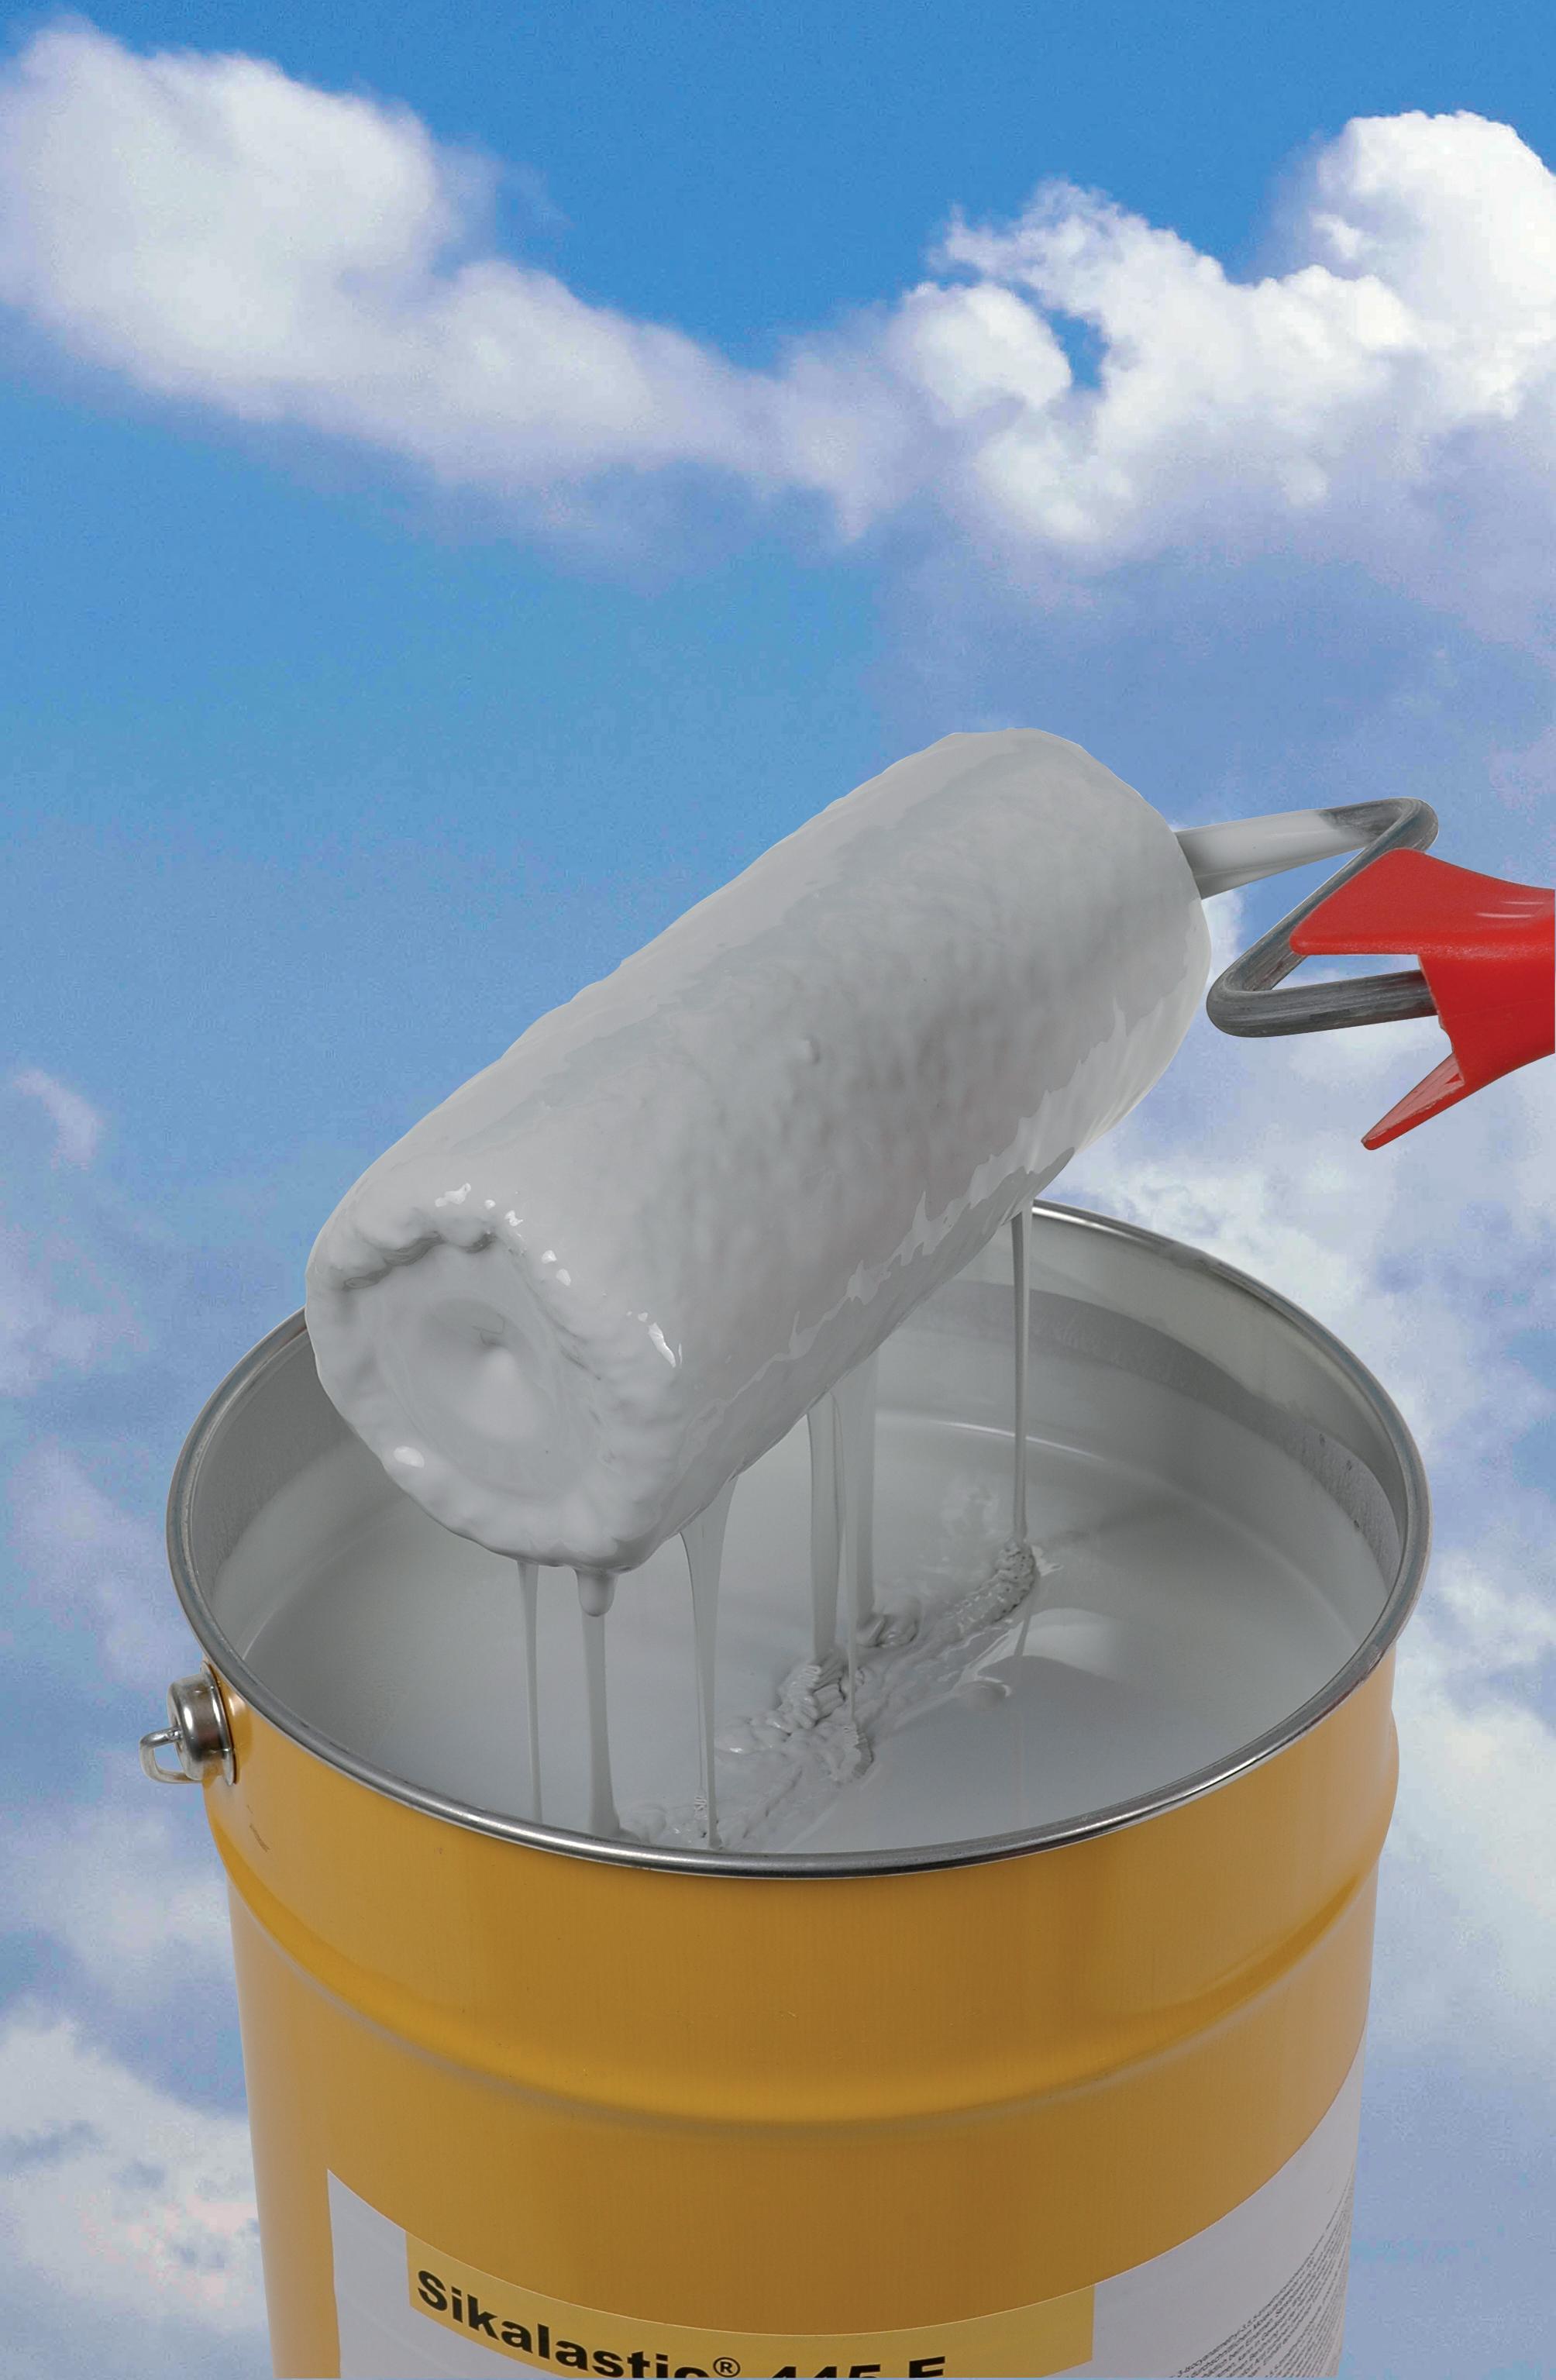 Membrana hidroizolanta lichida pentru acoperisuri - Produs si aplicatii SIKA - Poza 2